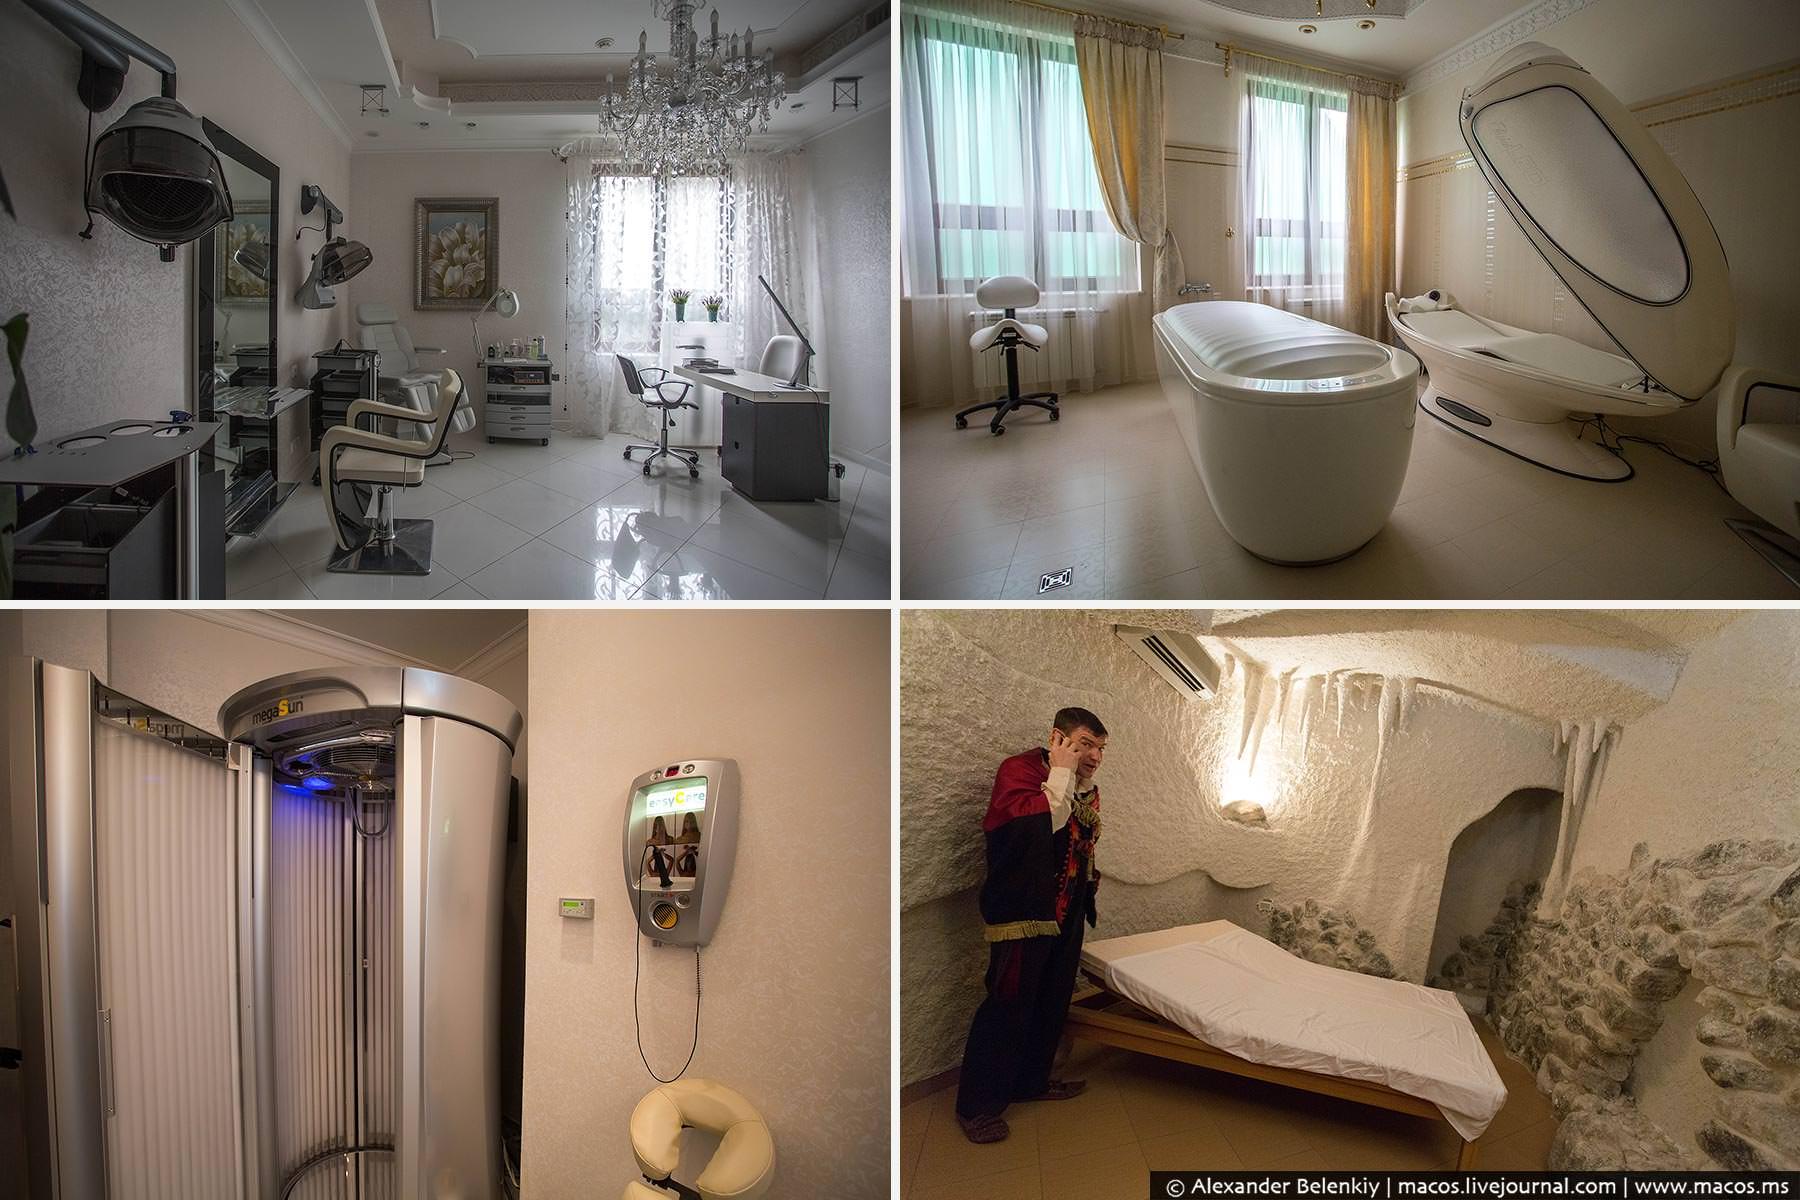 http://www.pravda-tv.ru/wp-content/uploads/2014/11/LR2014.10-UA-Residence-21.jpg